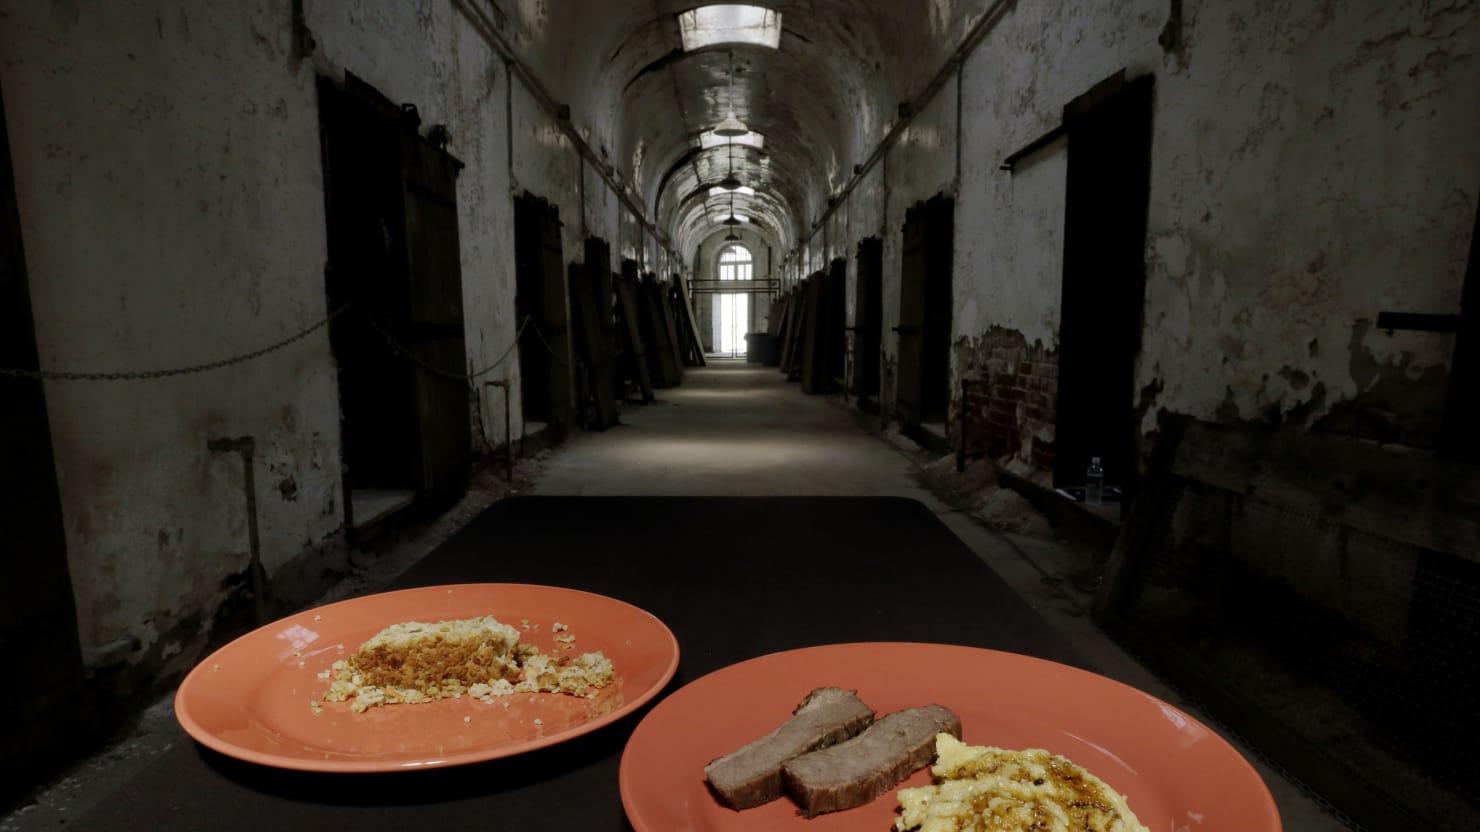 Hookup prison food